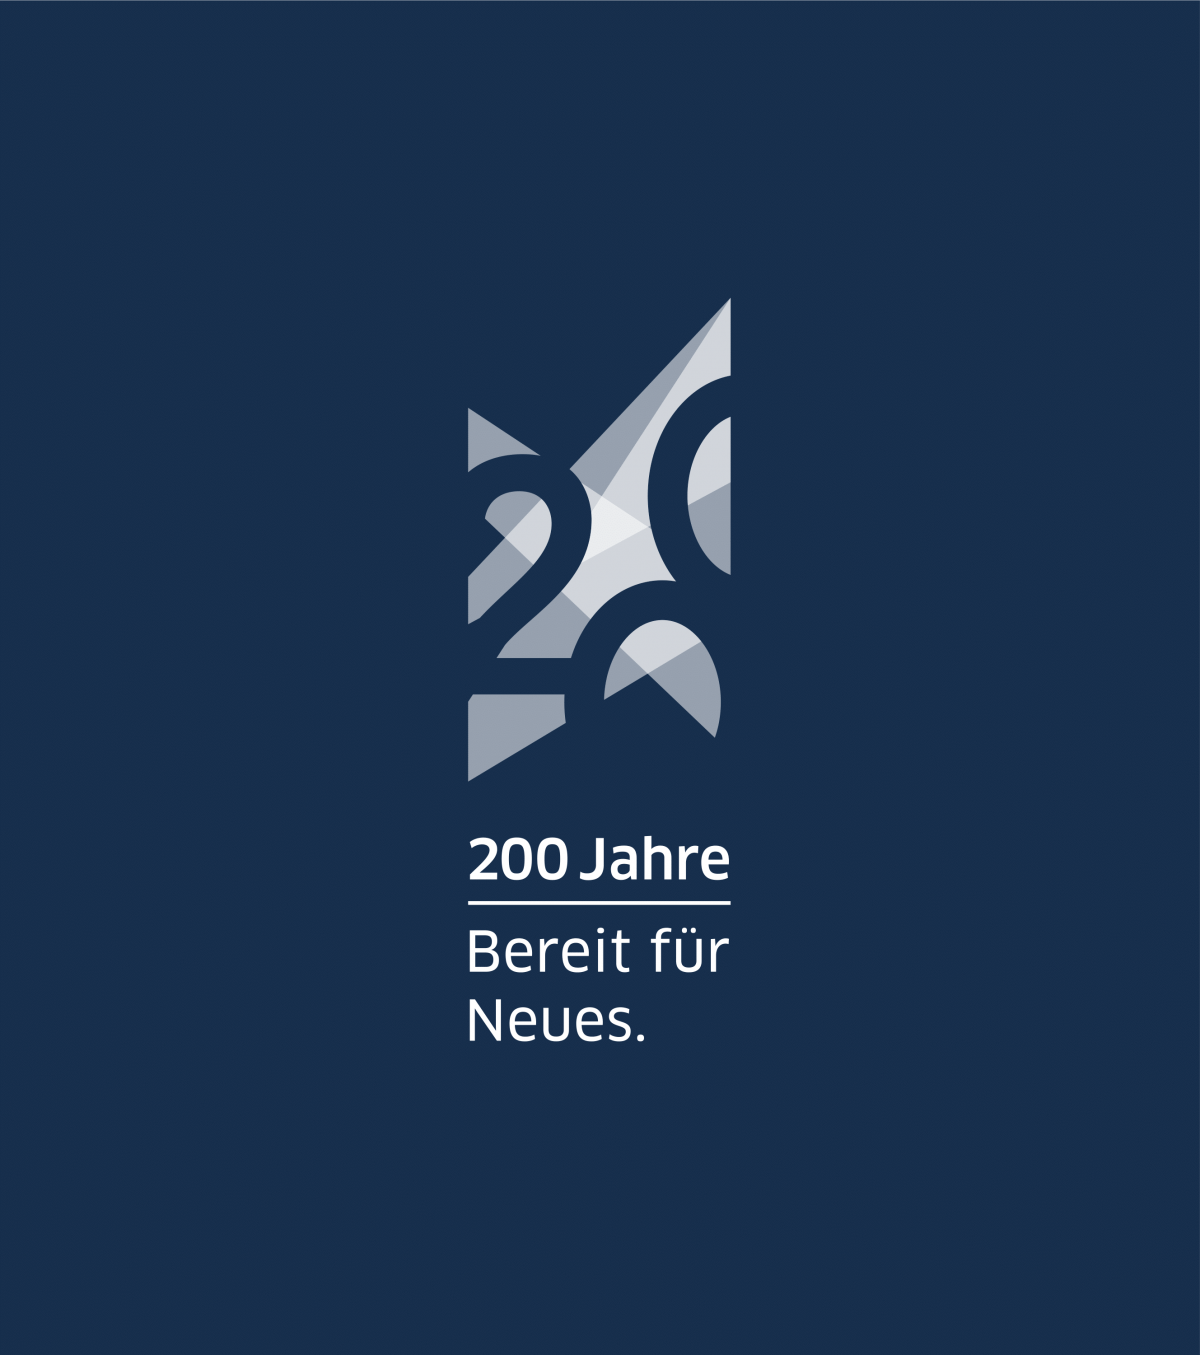 Die LBBW FEIERT IHR 200-JÄHRIGES JUBILÄUM – MIT EUCH!